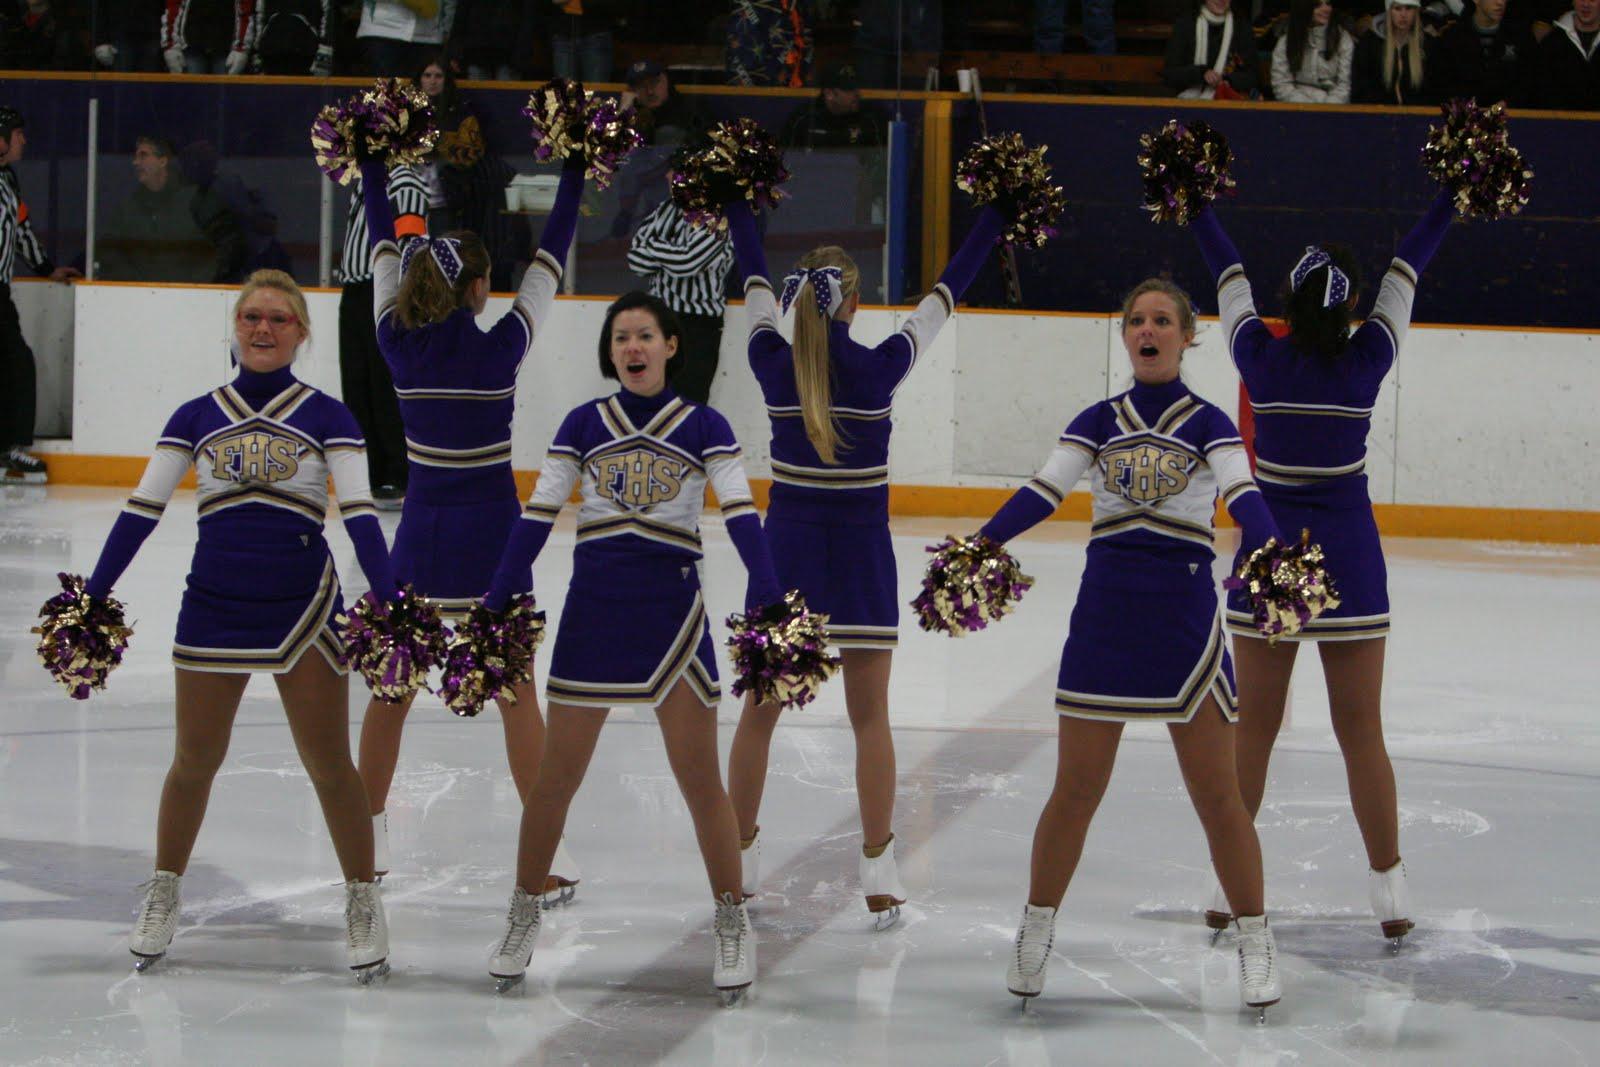 rachel high school cheerleader